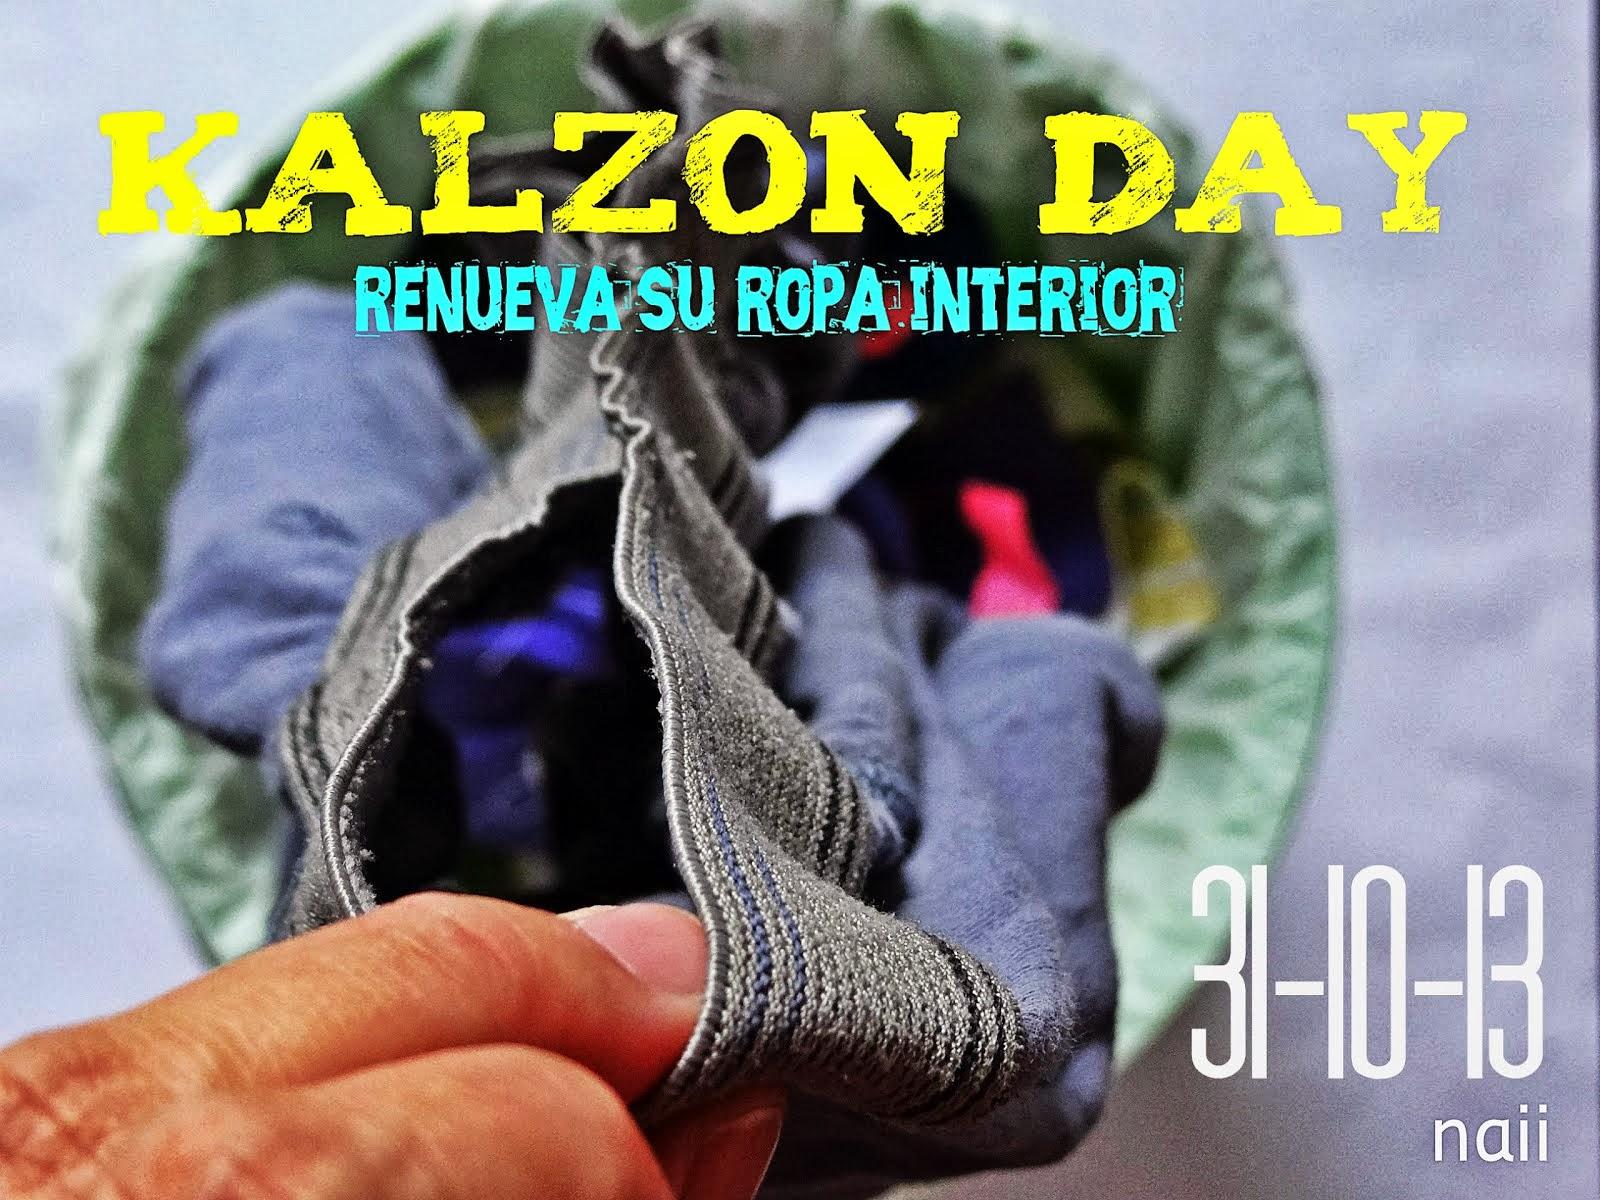 KALZON DAY